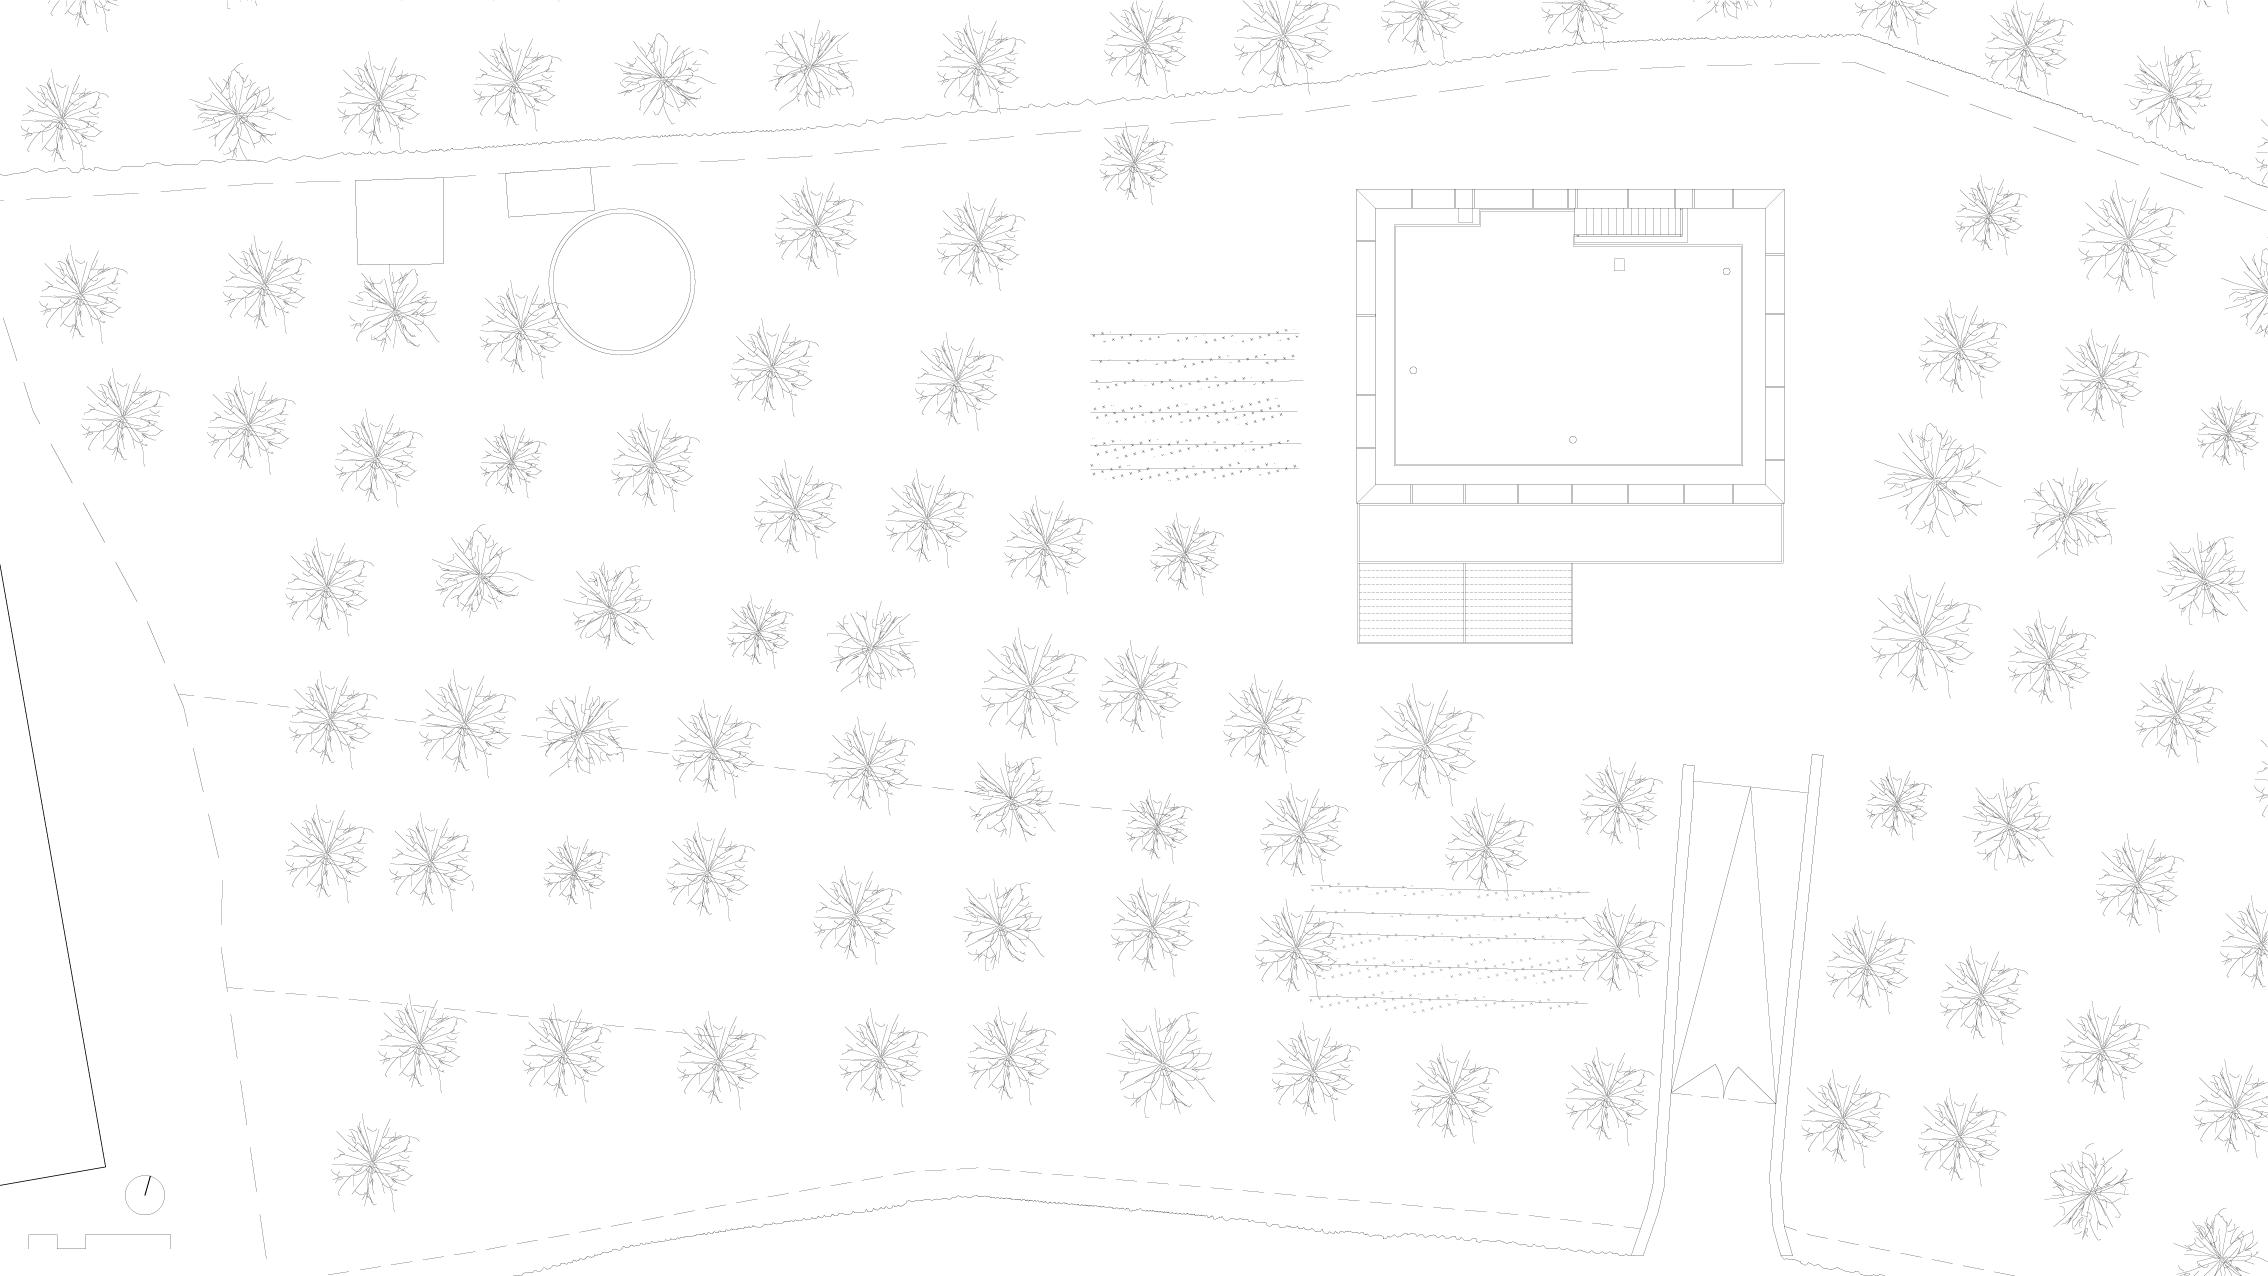 hivern_planta-coberta_100-wb.png